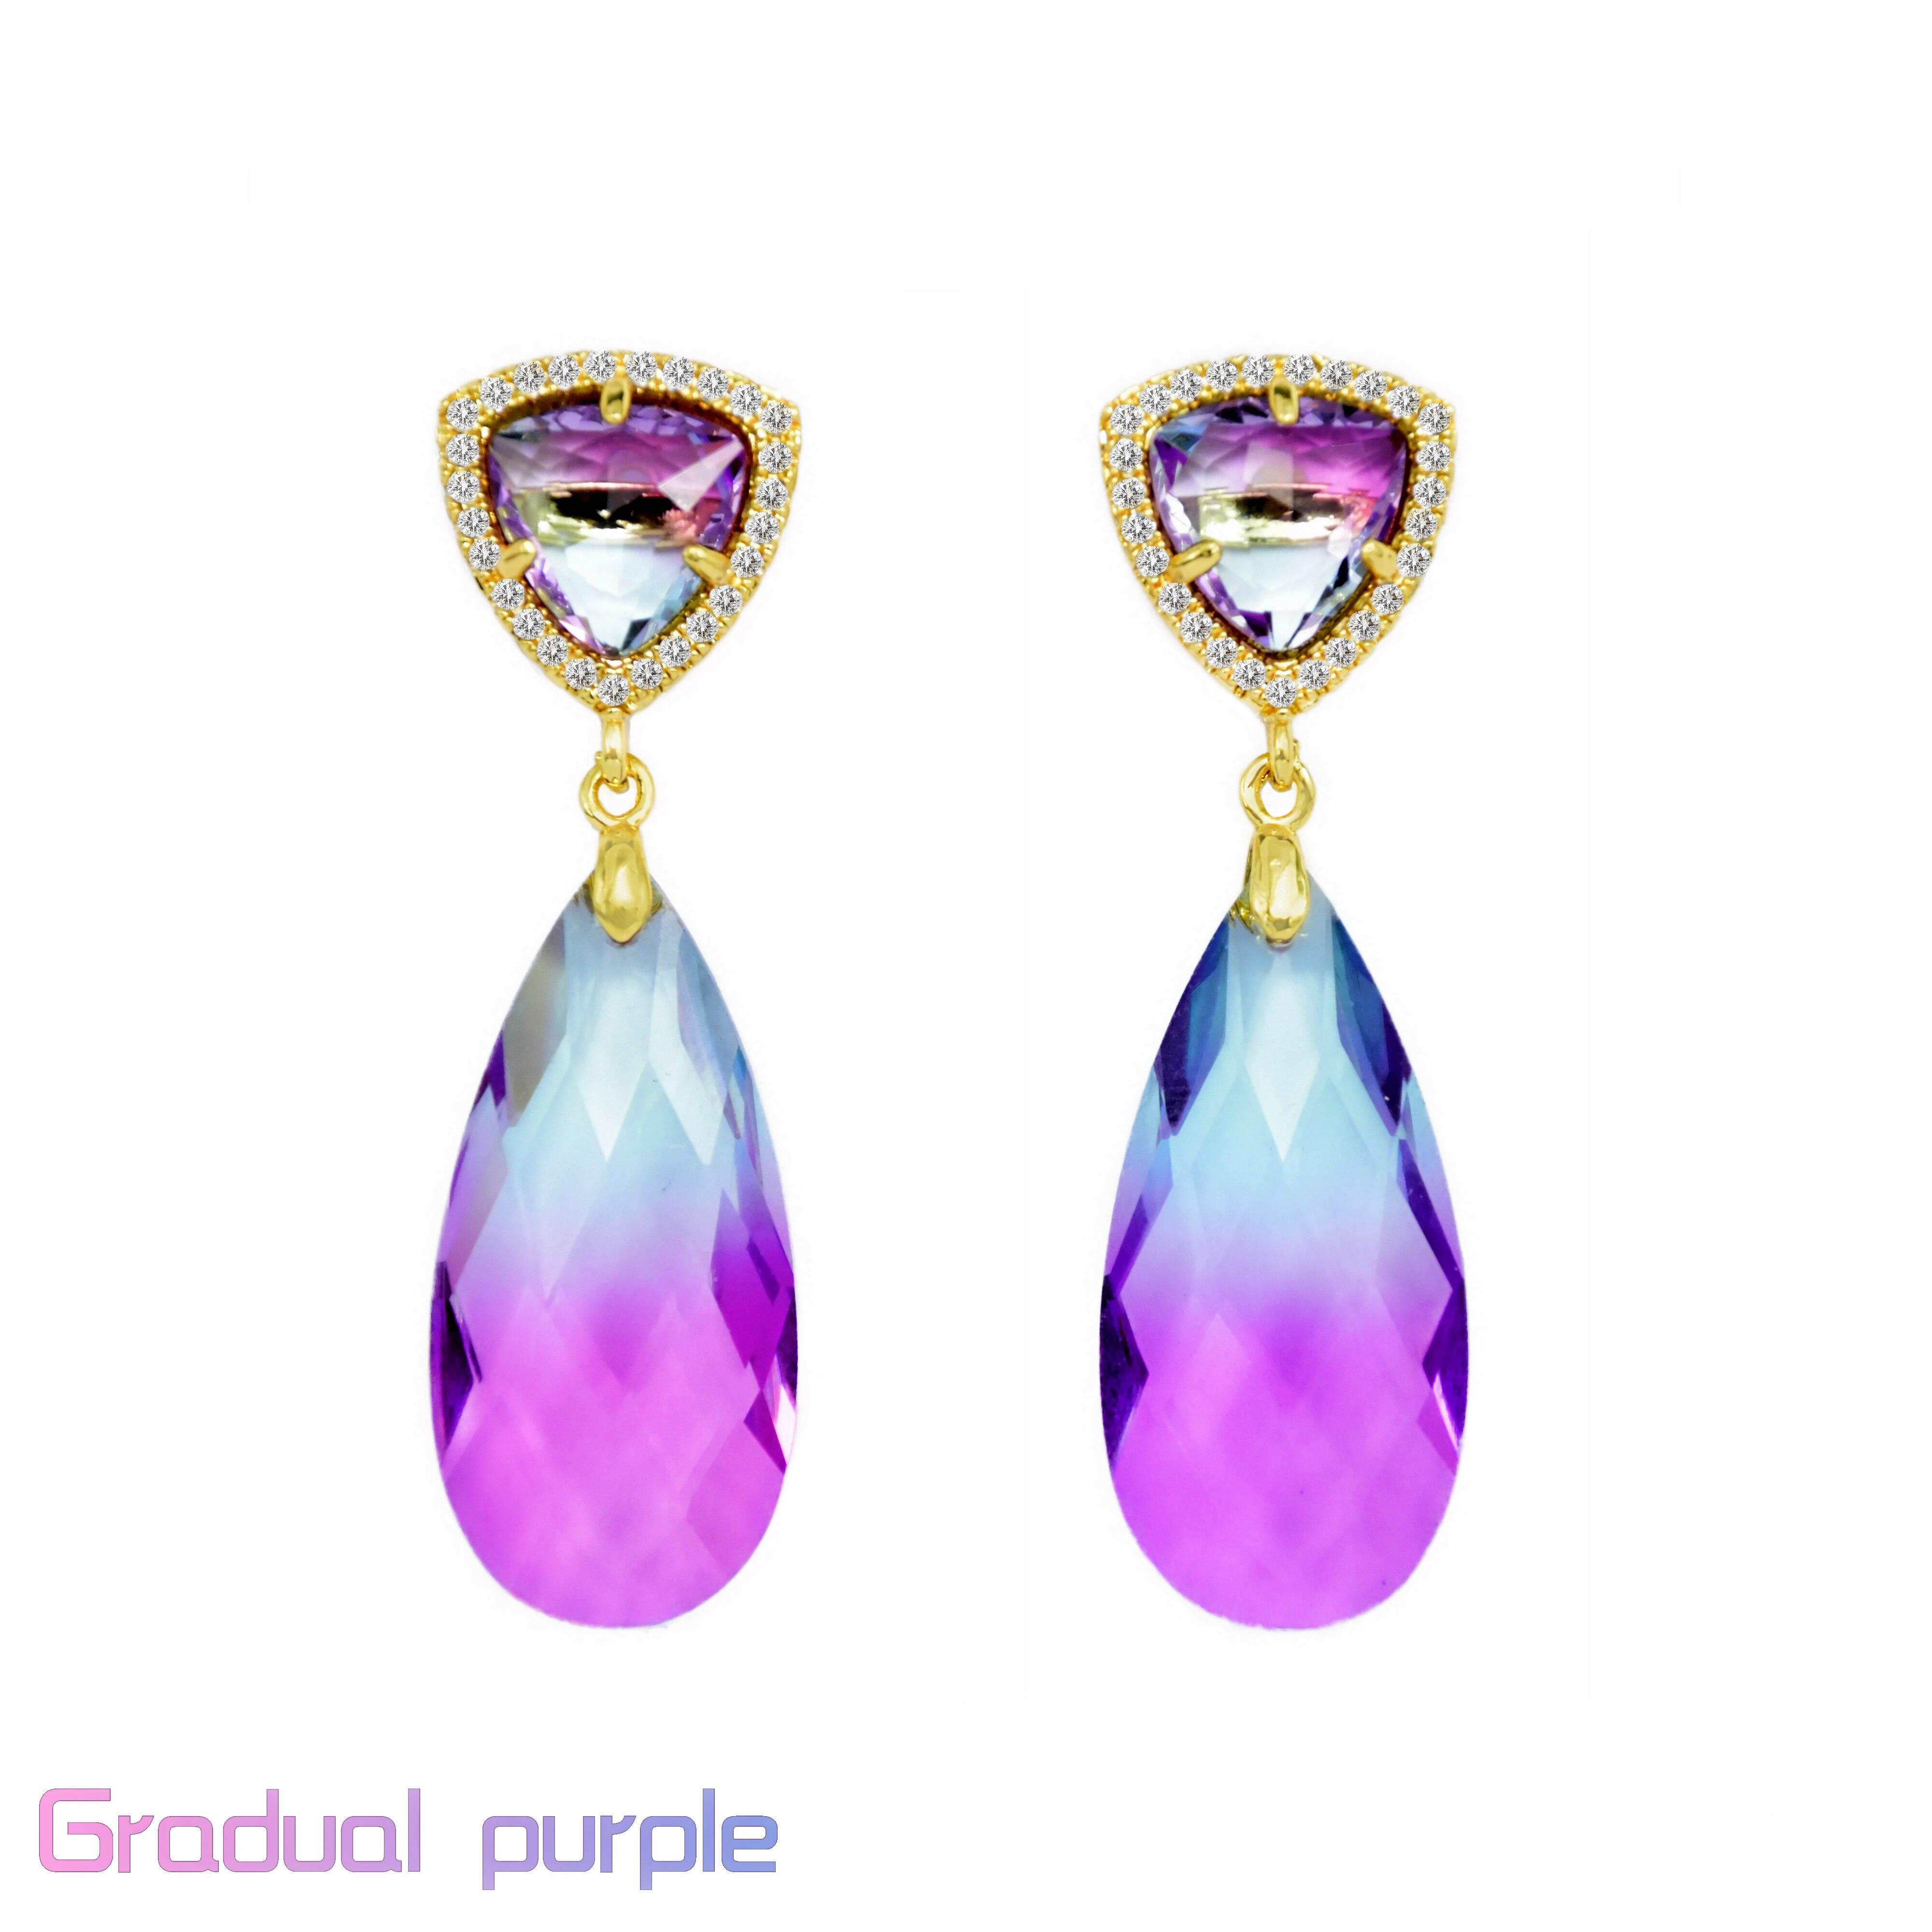 Palace Retro Full Drilling mount zircon multicolour water-drop Female Earrings Glass Earrings Long Earrings Crystal Earrings